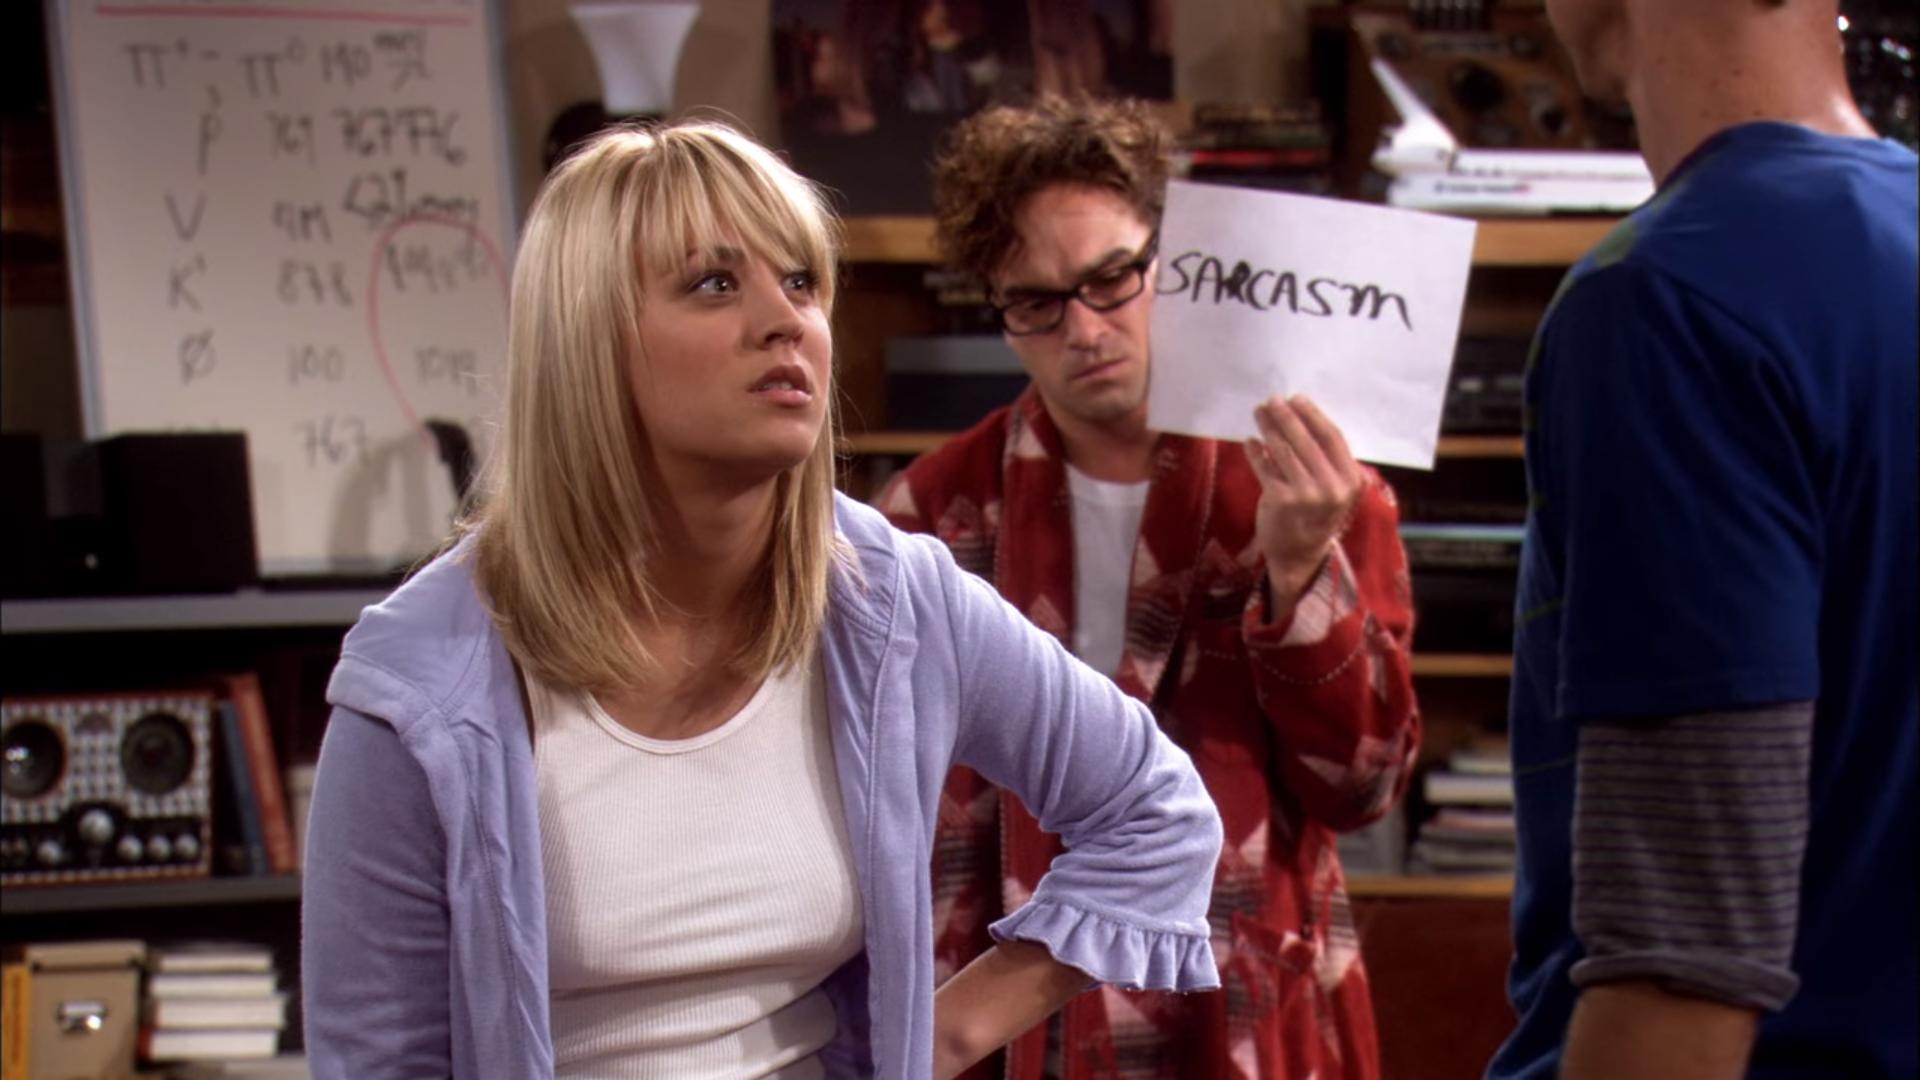 The big bang theory - sarcasmo